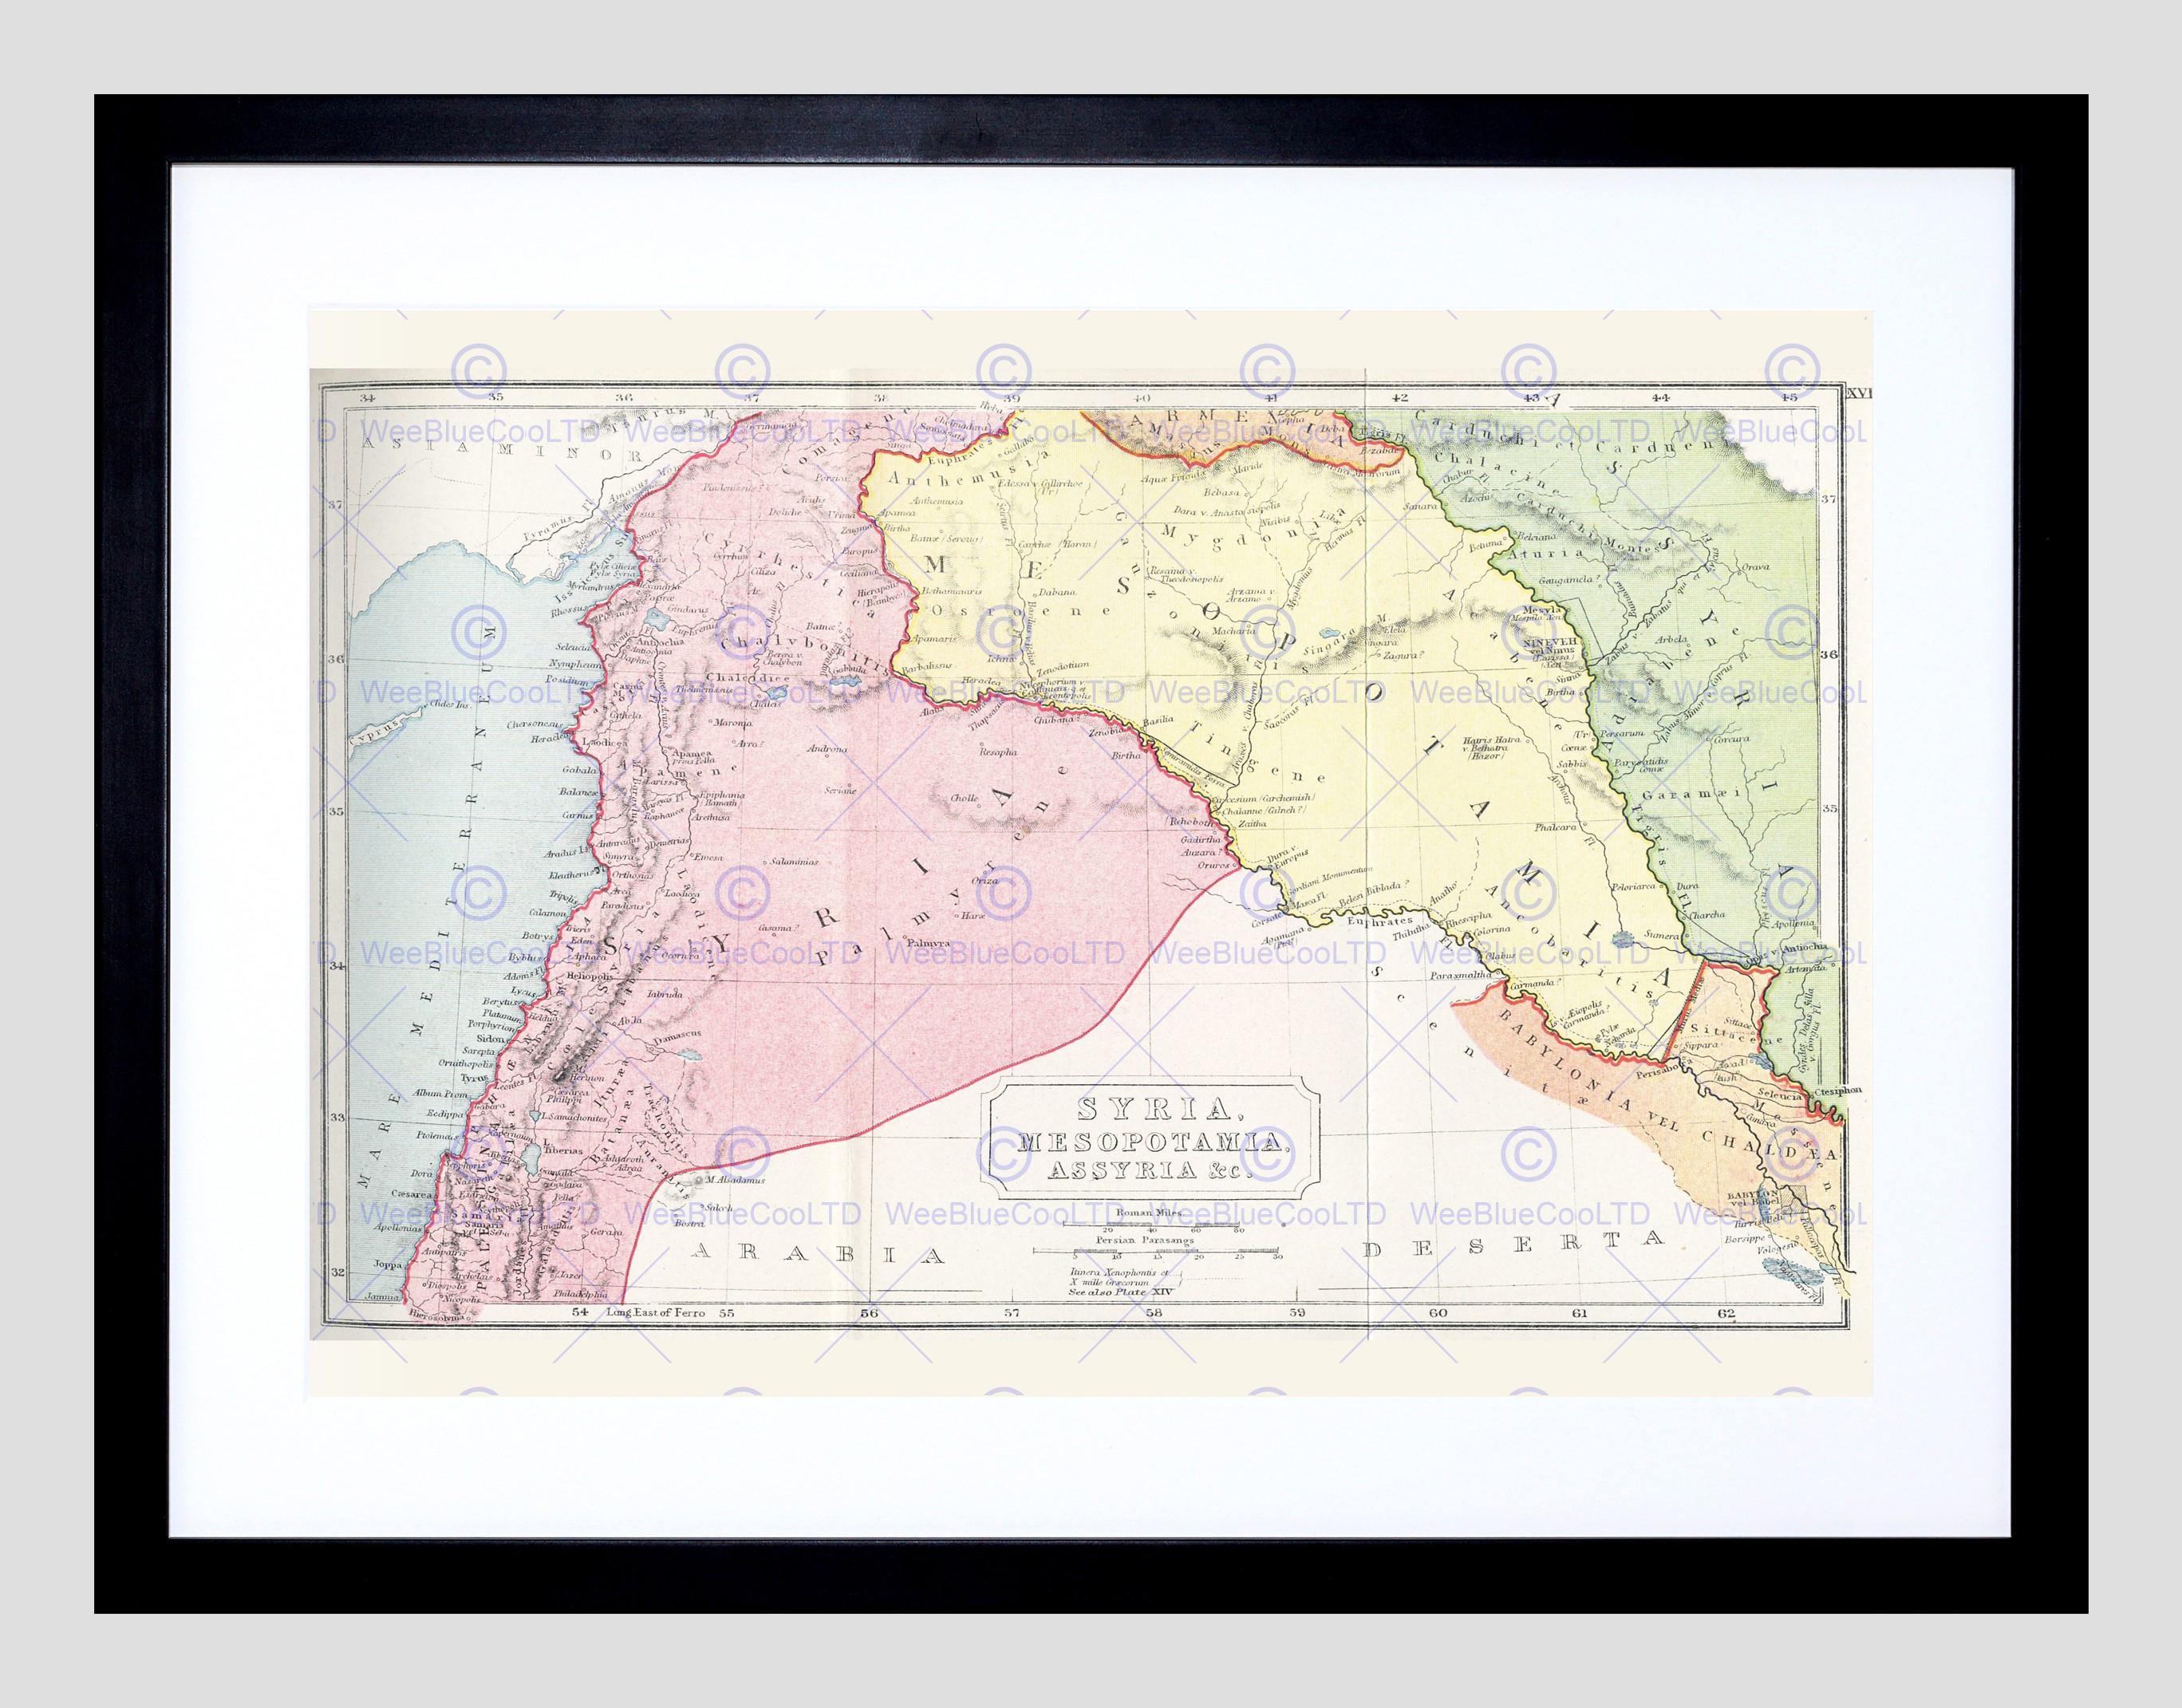 Map Syria Mesopotamia Assyria Vintage Framed Art Print Poster - Free Printable Map Of Mesopotamia